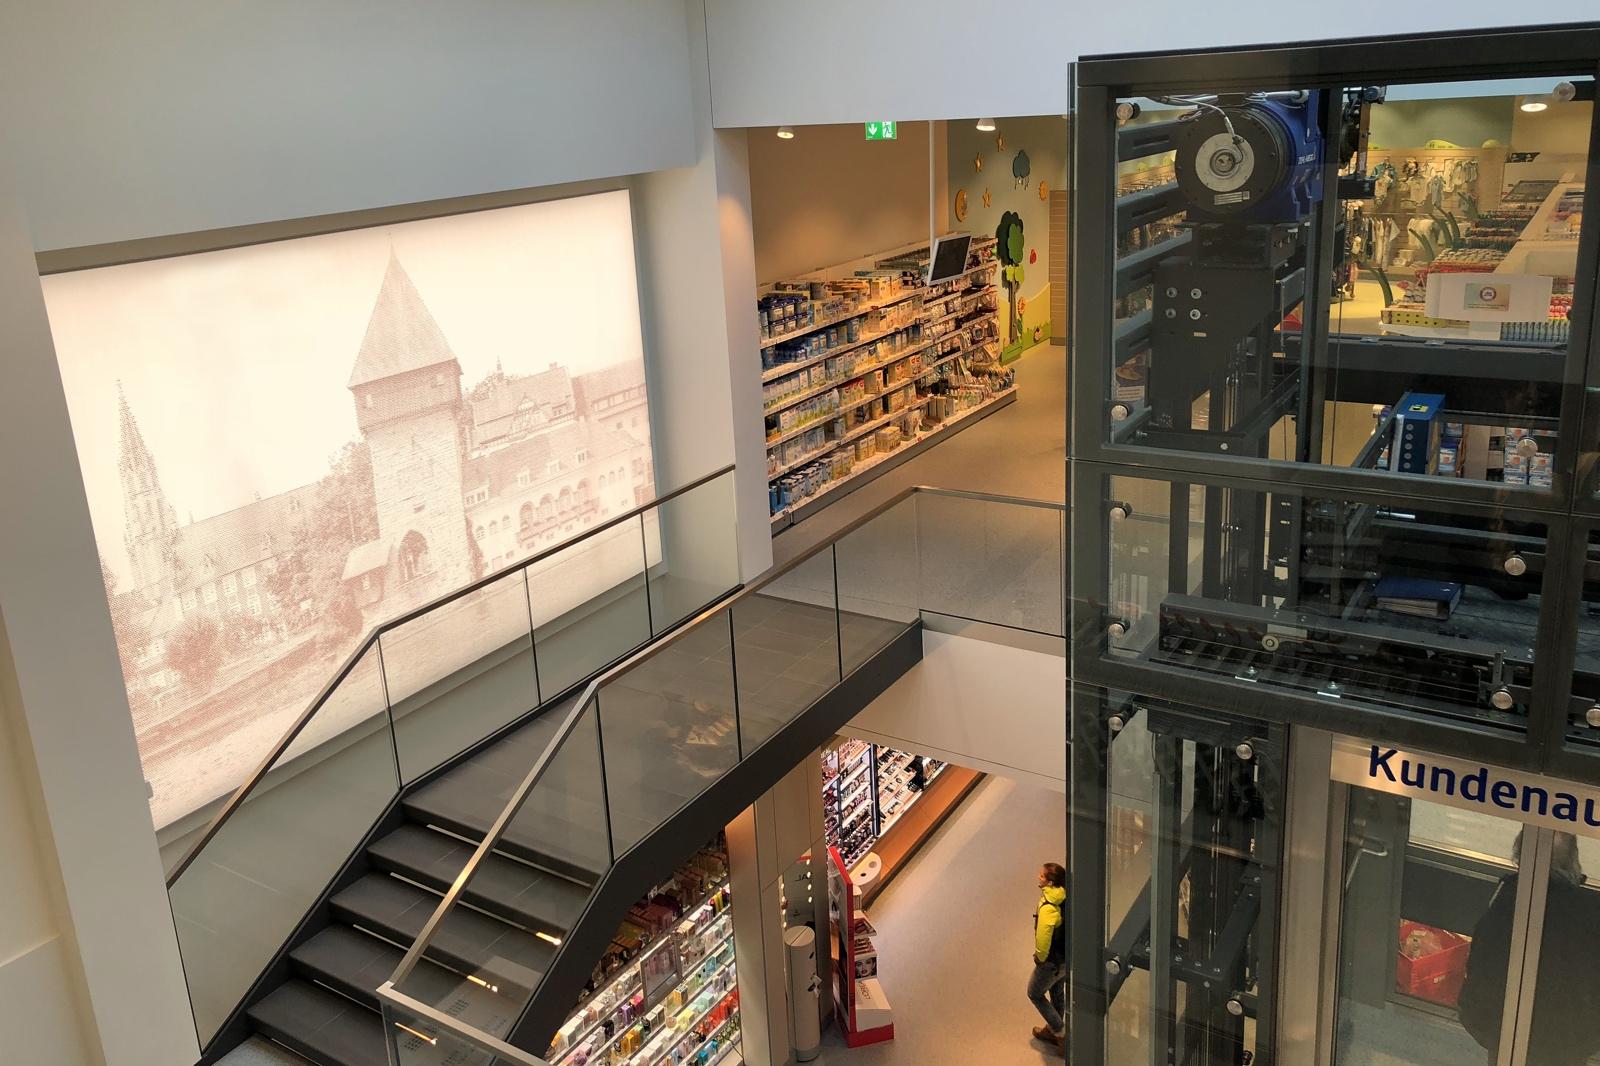 Innenarchitektur Konstanz dm drogerie markt treppenhaus konstanz lay architekten